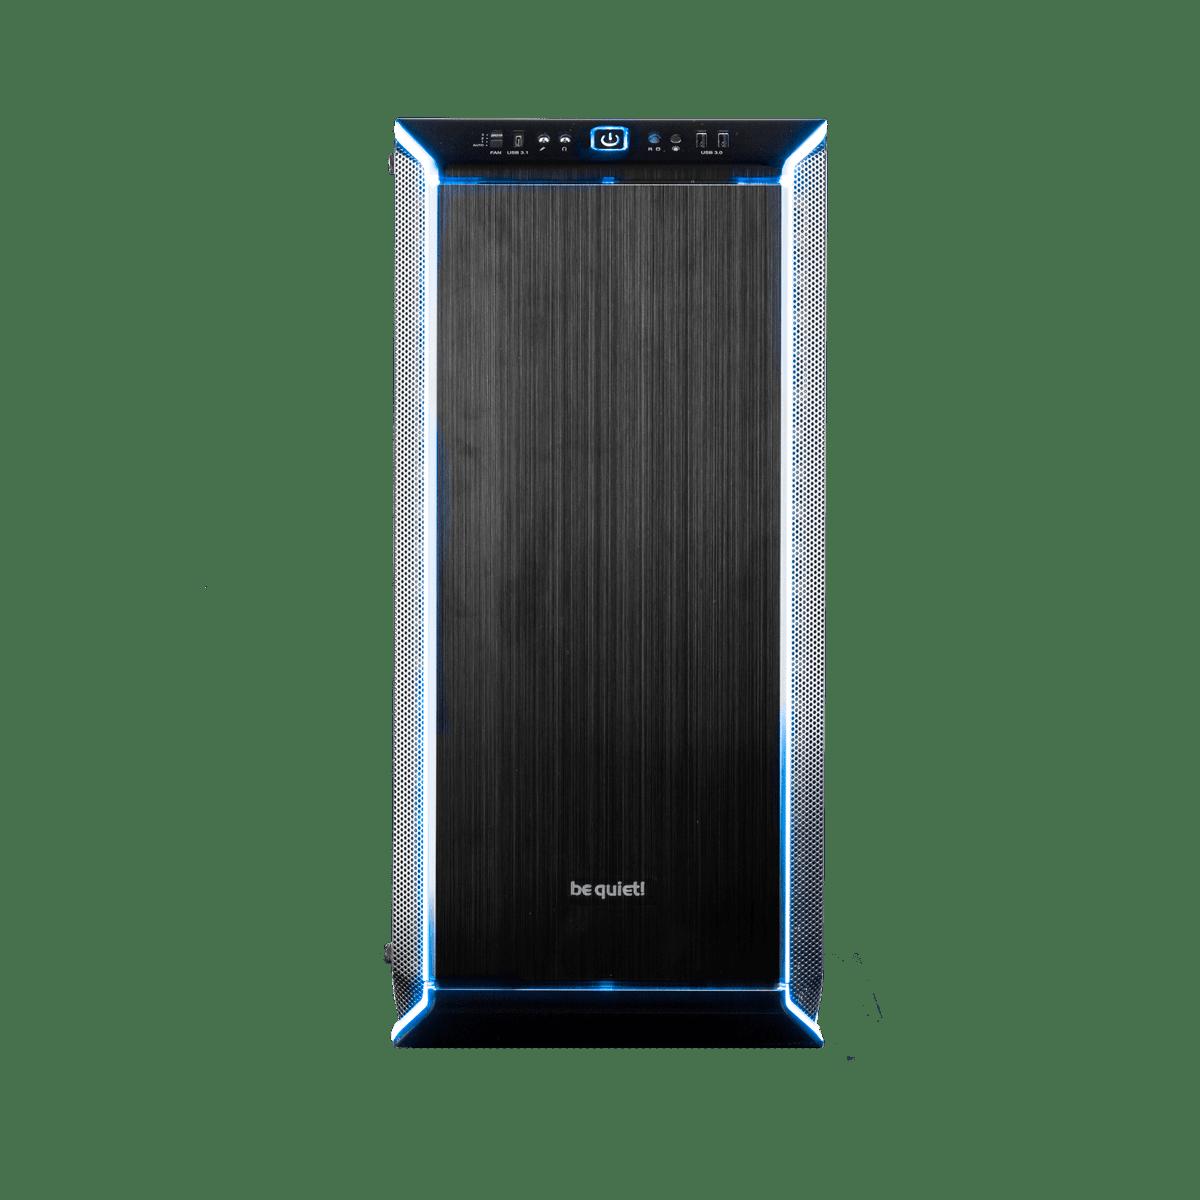 Intel X299 Pro Gaming